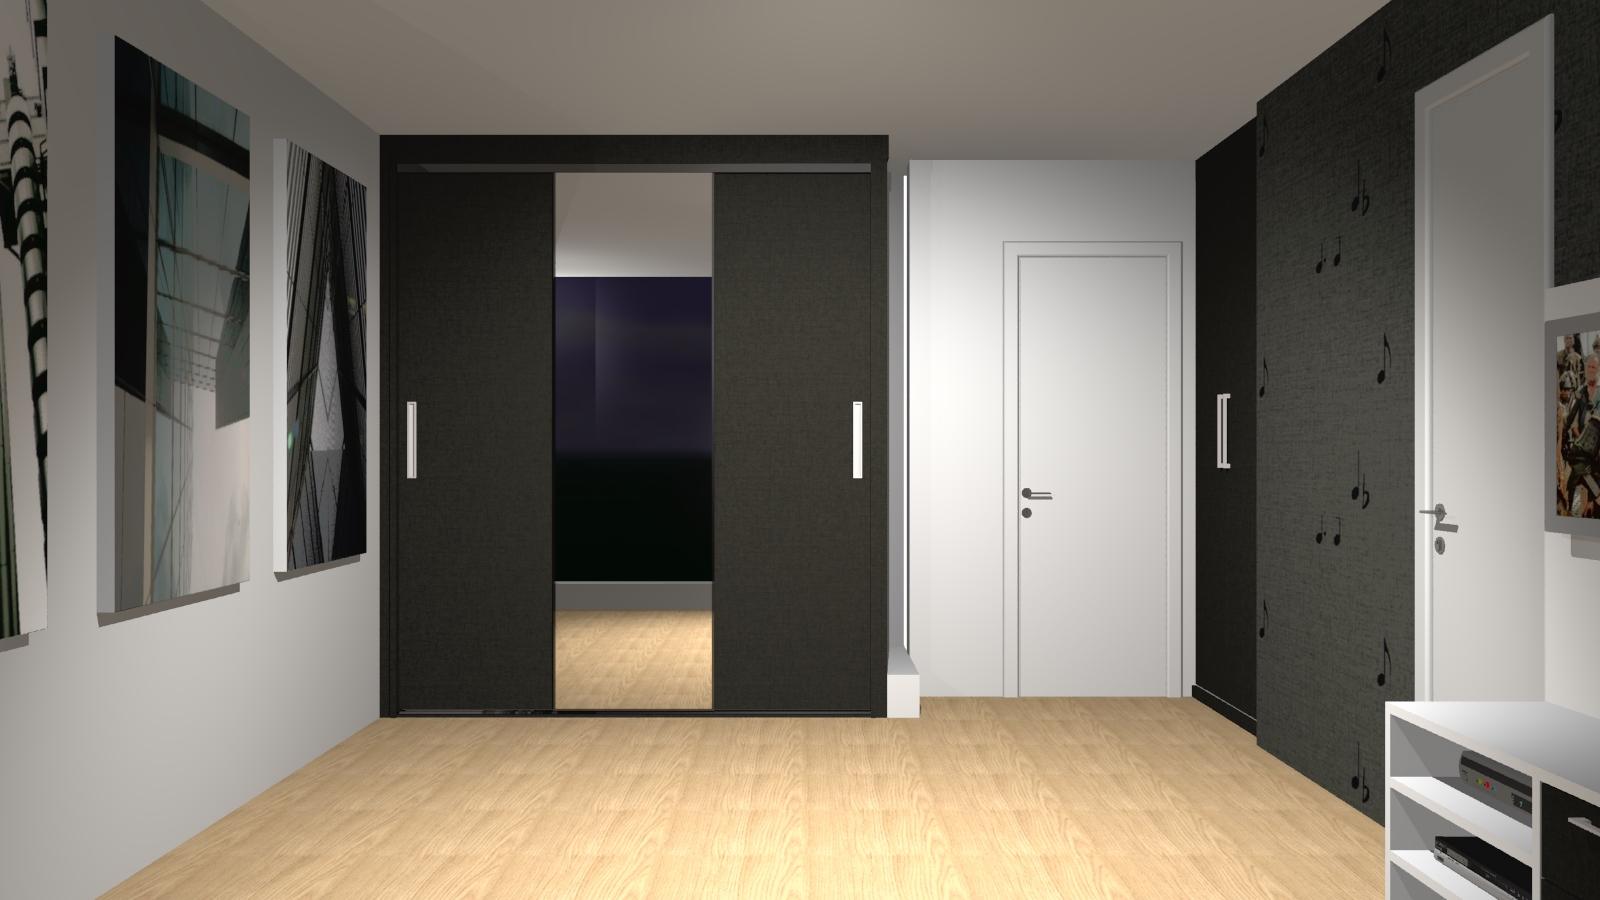 Modelos de armários para quarto com porta de correr  Decorando Casas